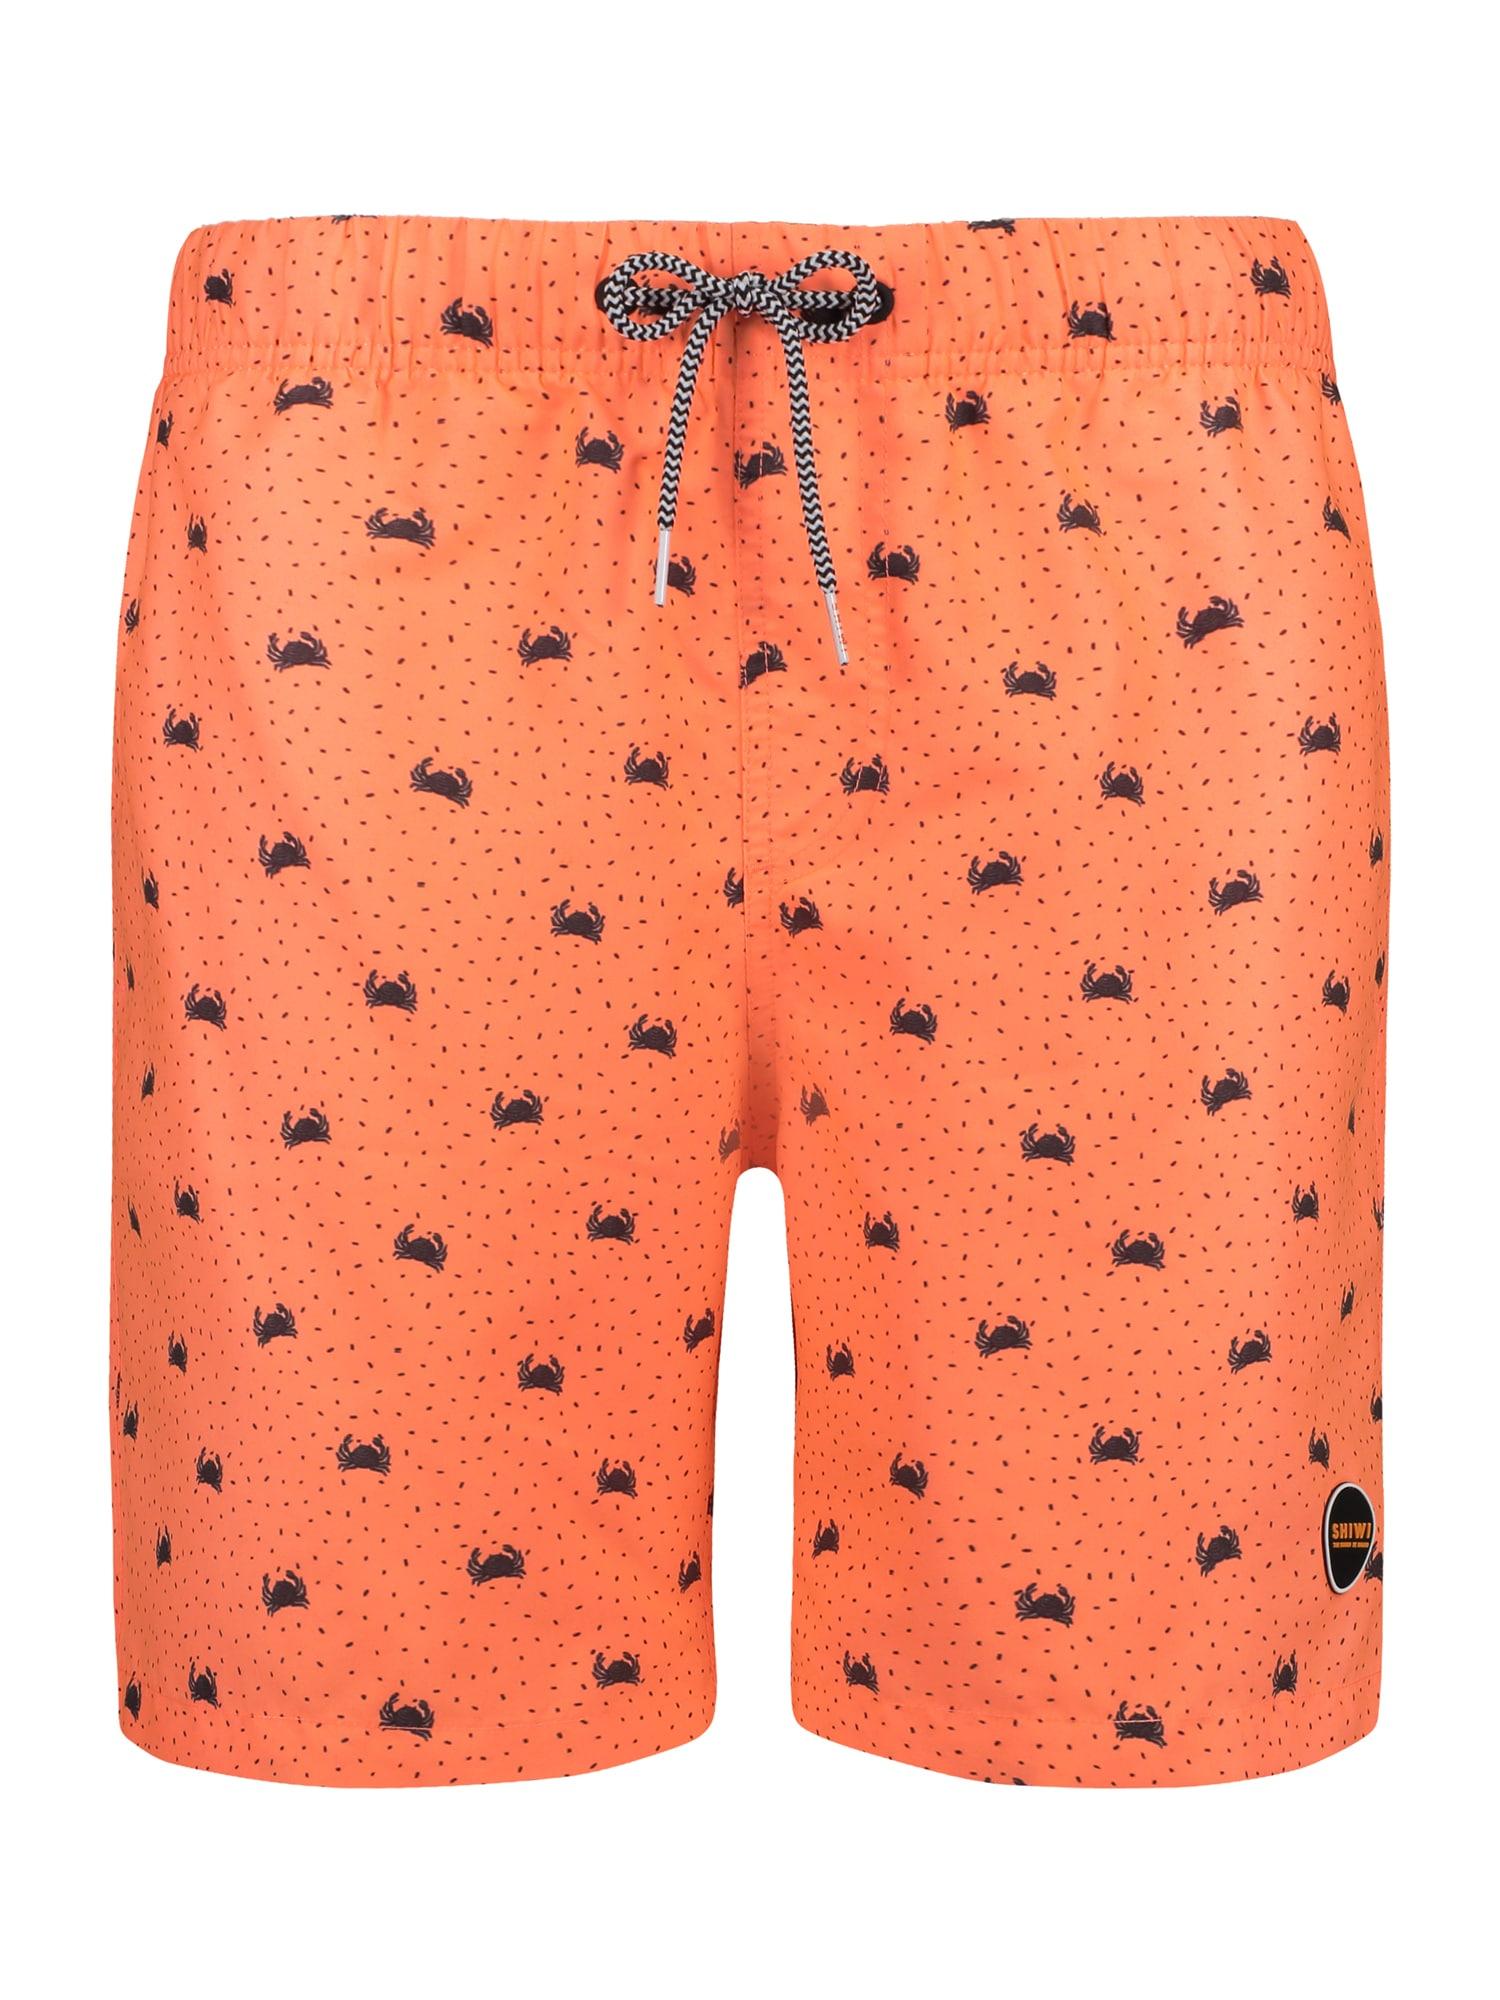 Boardshorts 'Crabby' Shiwi